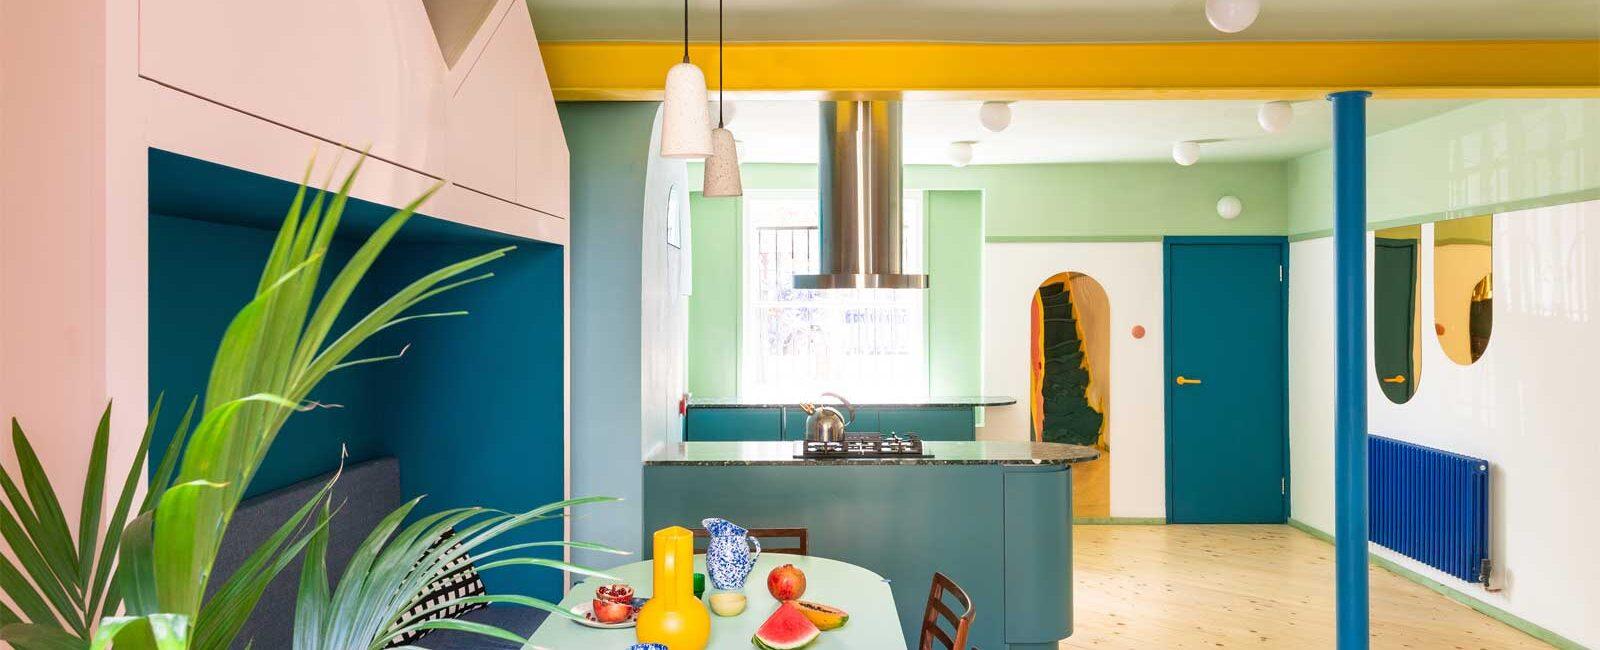 Mo-tel House: a colorful and joyful interior